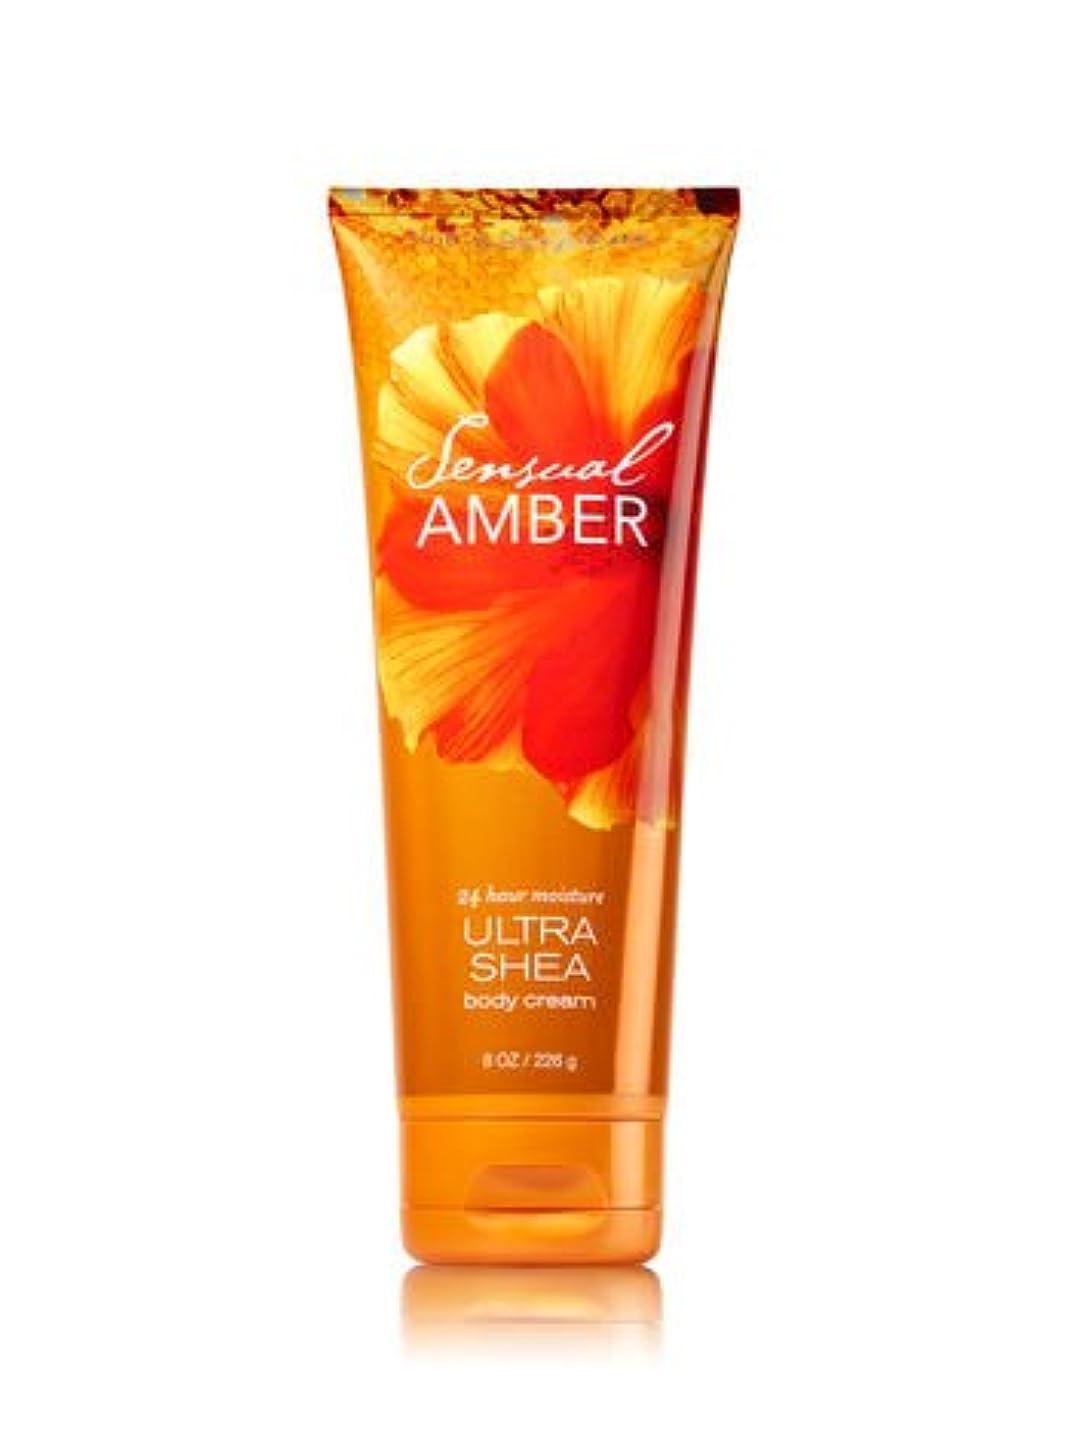 戦闘悪意パスBath & Body Works バスアンドボディワークス ボディクリーム 並行輸入 (Sensual Amber)